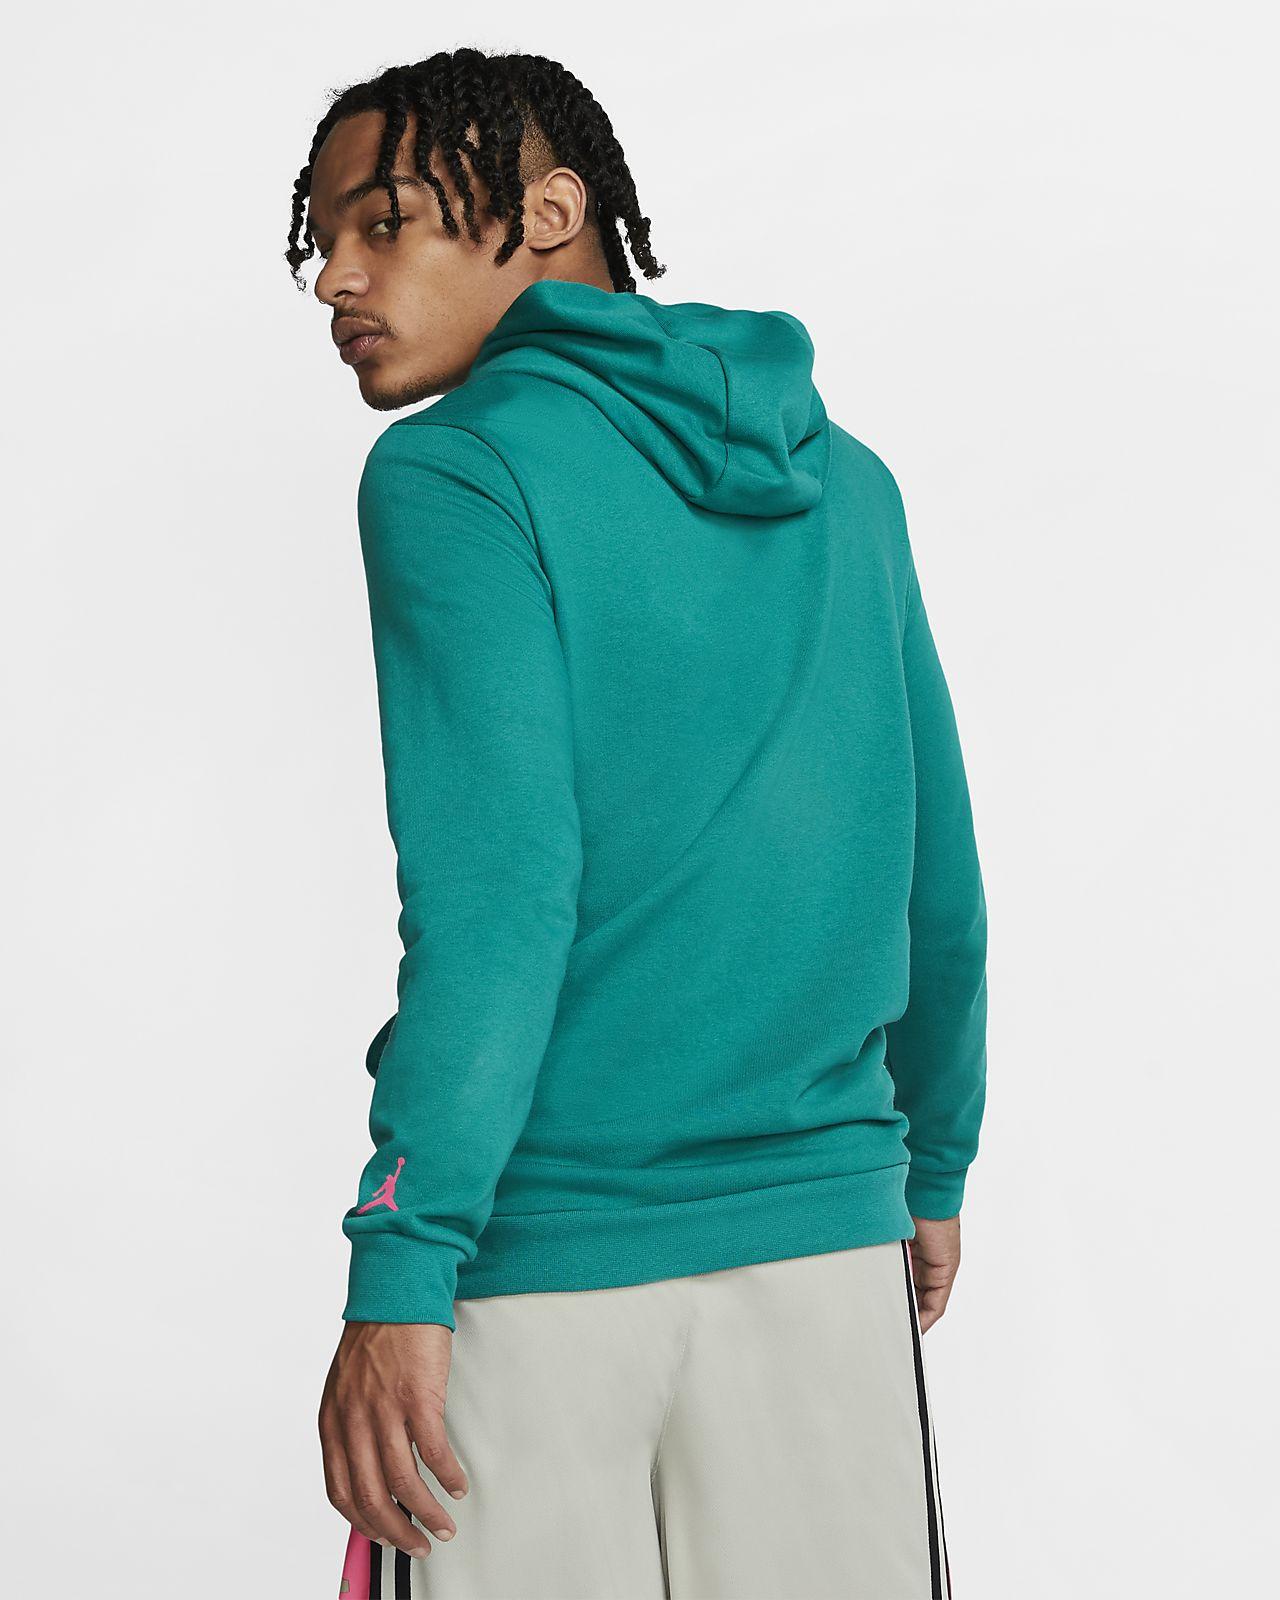 a5510432309 Jordan Jumpman Air Lightweight Men's Fleece Sweatshirt. Nike.com AU